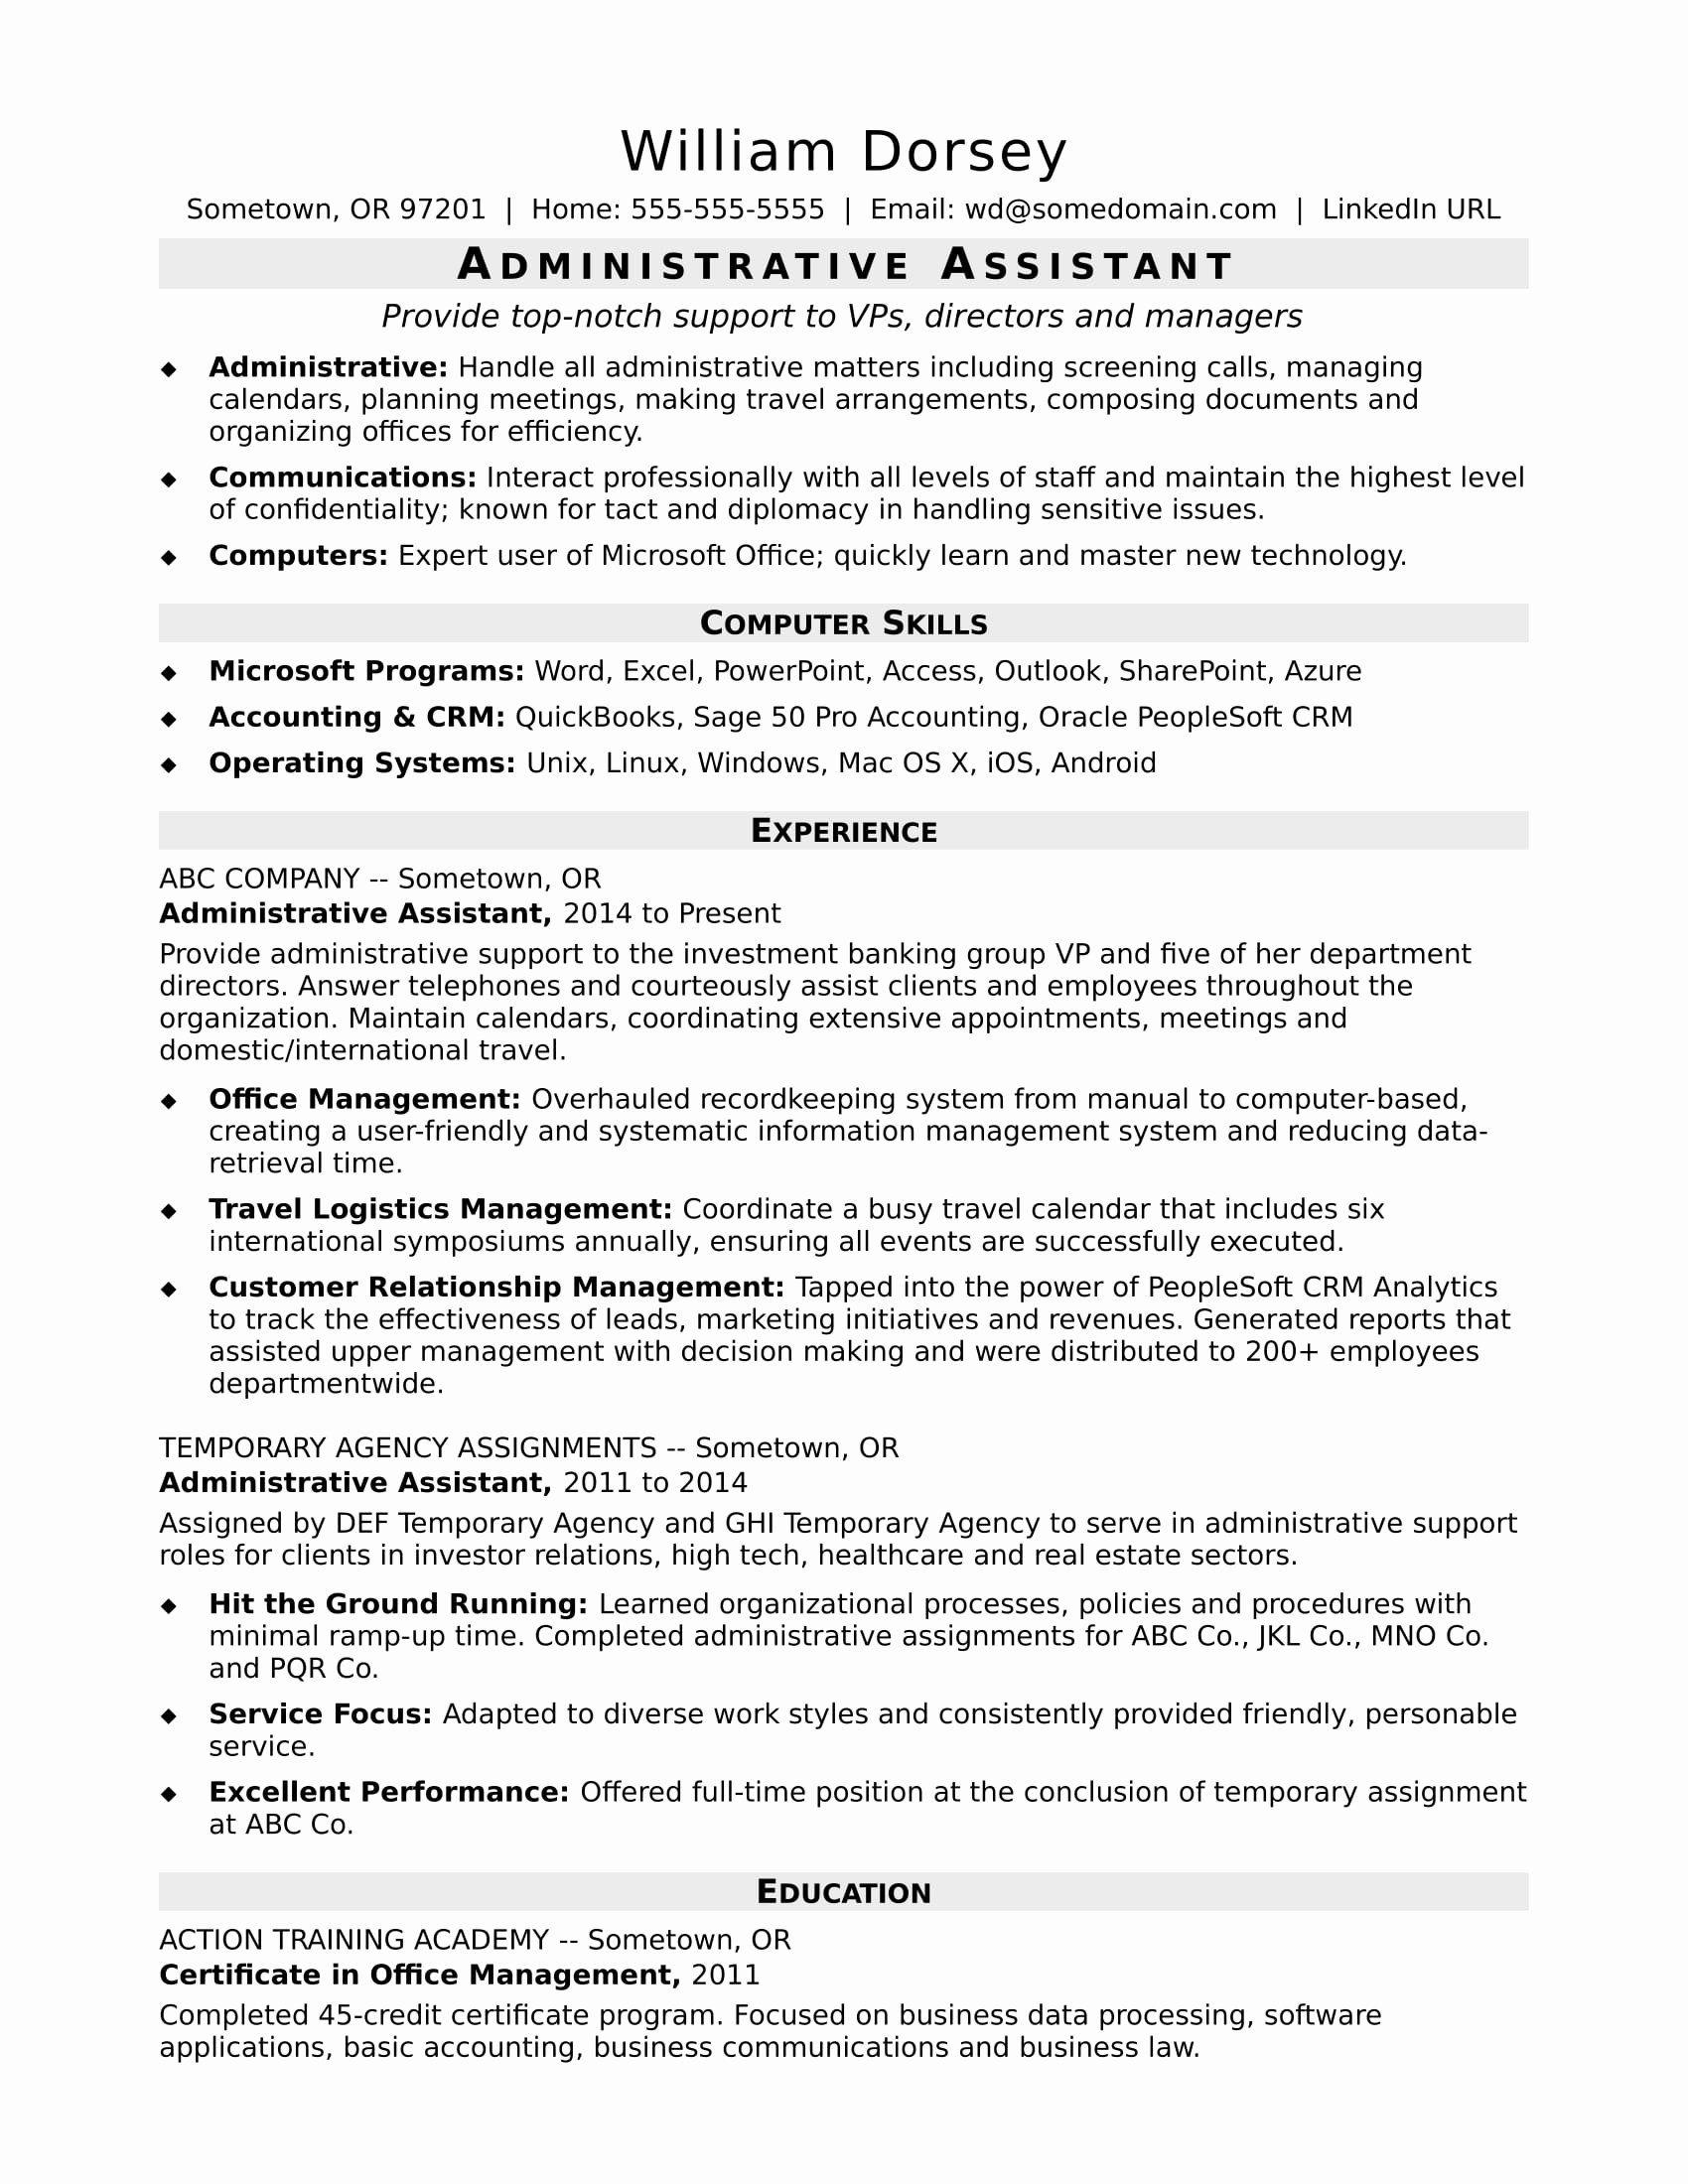 12 Admin assistant Job Description Resume in 2020